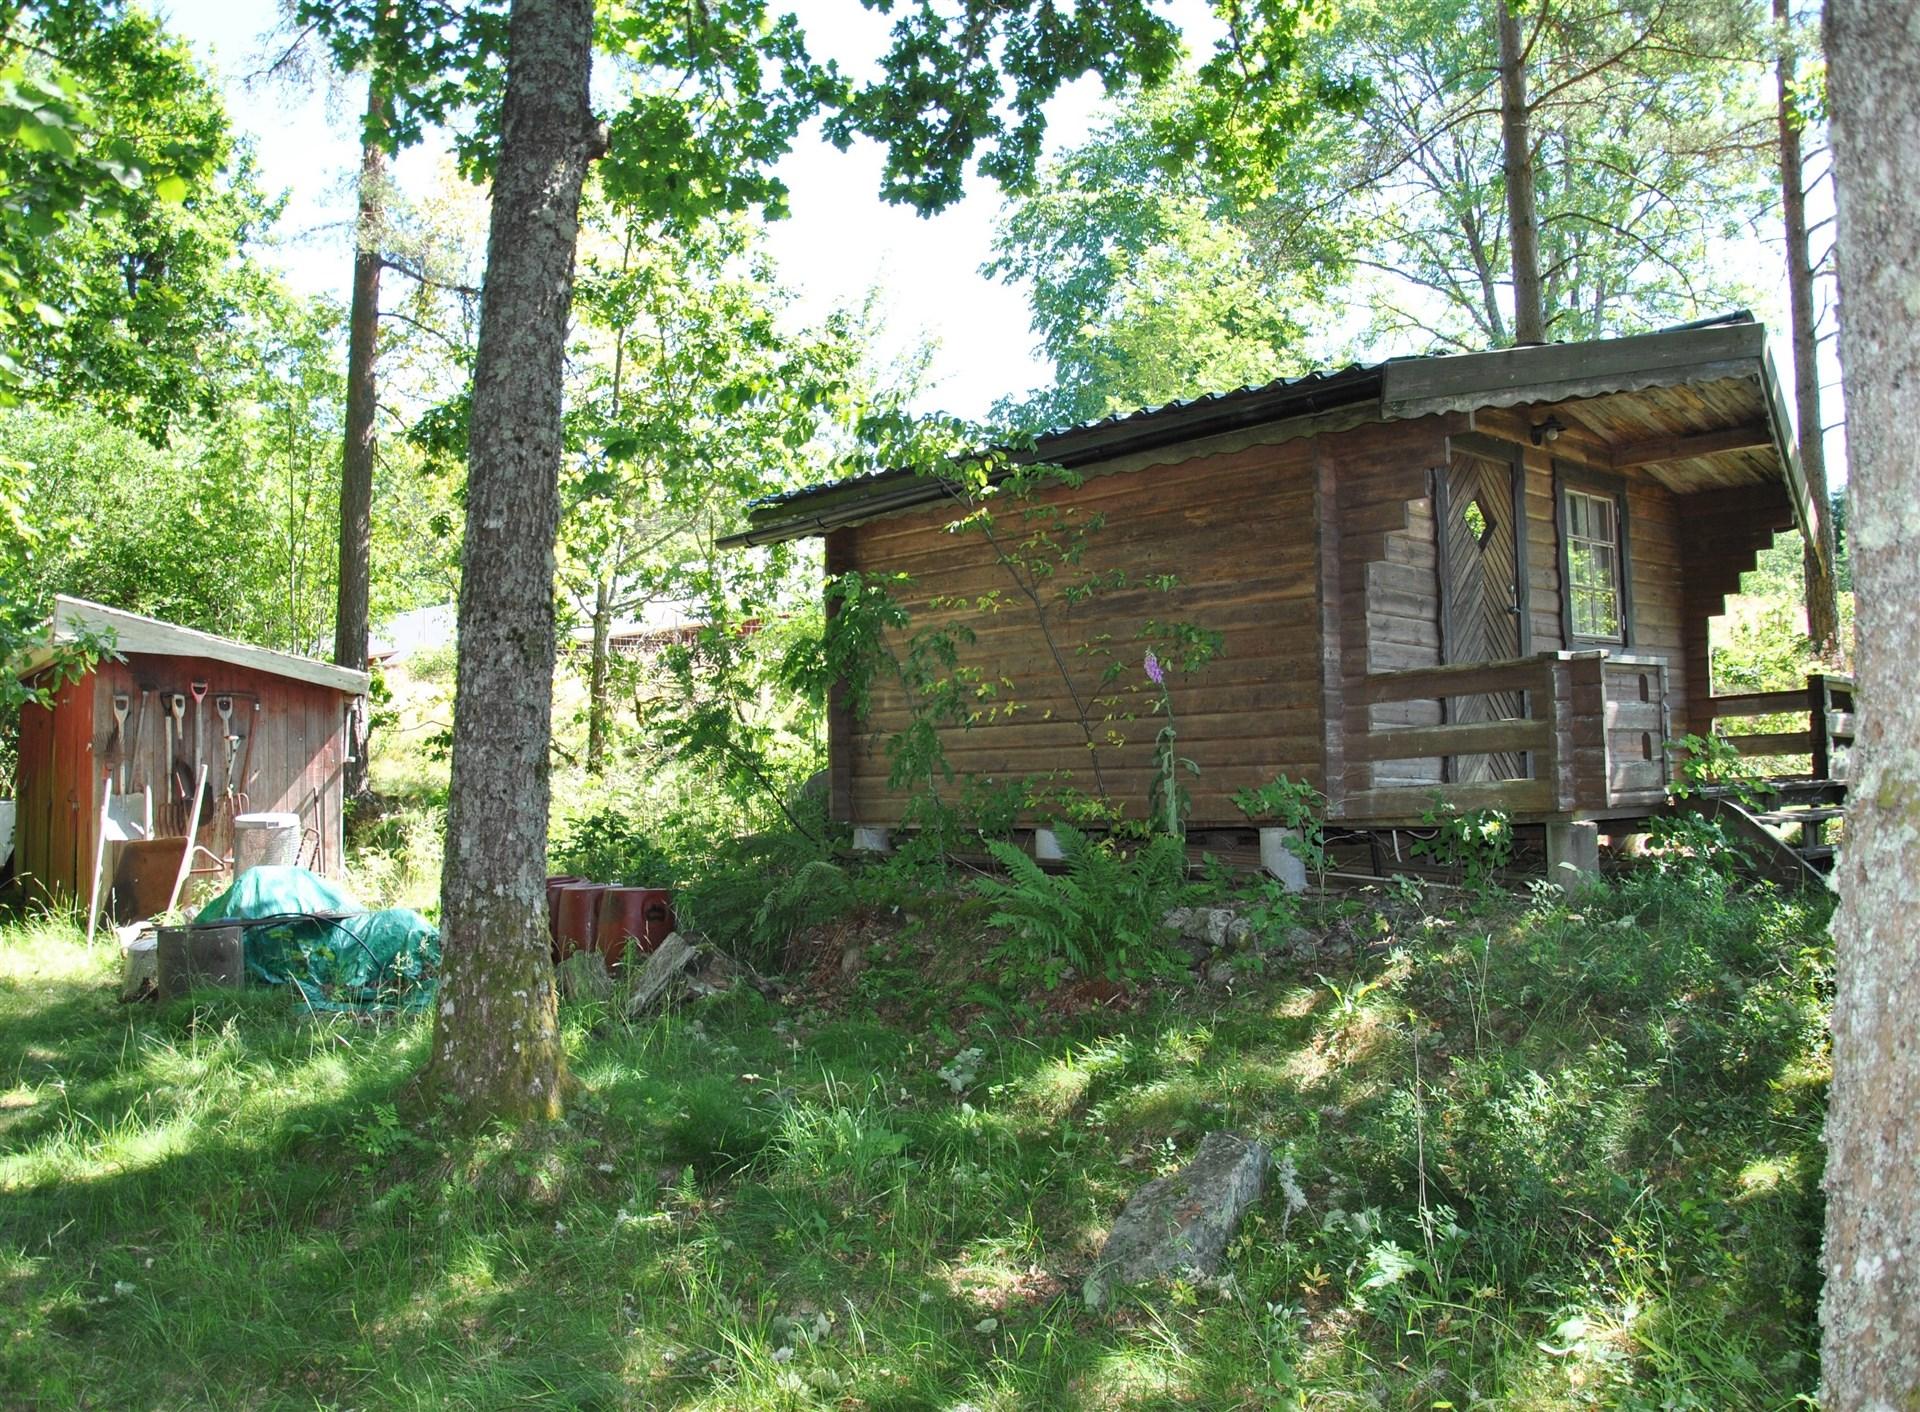 På tomten finns förutom gäststugan ett uthus med utedass/förråd/vedbod